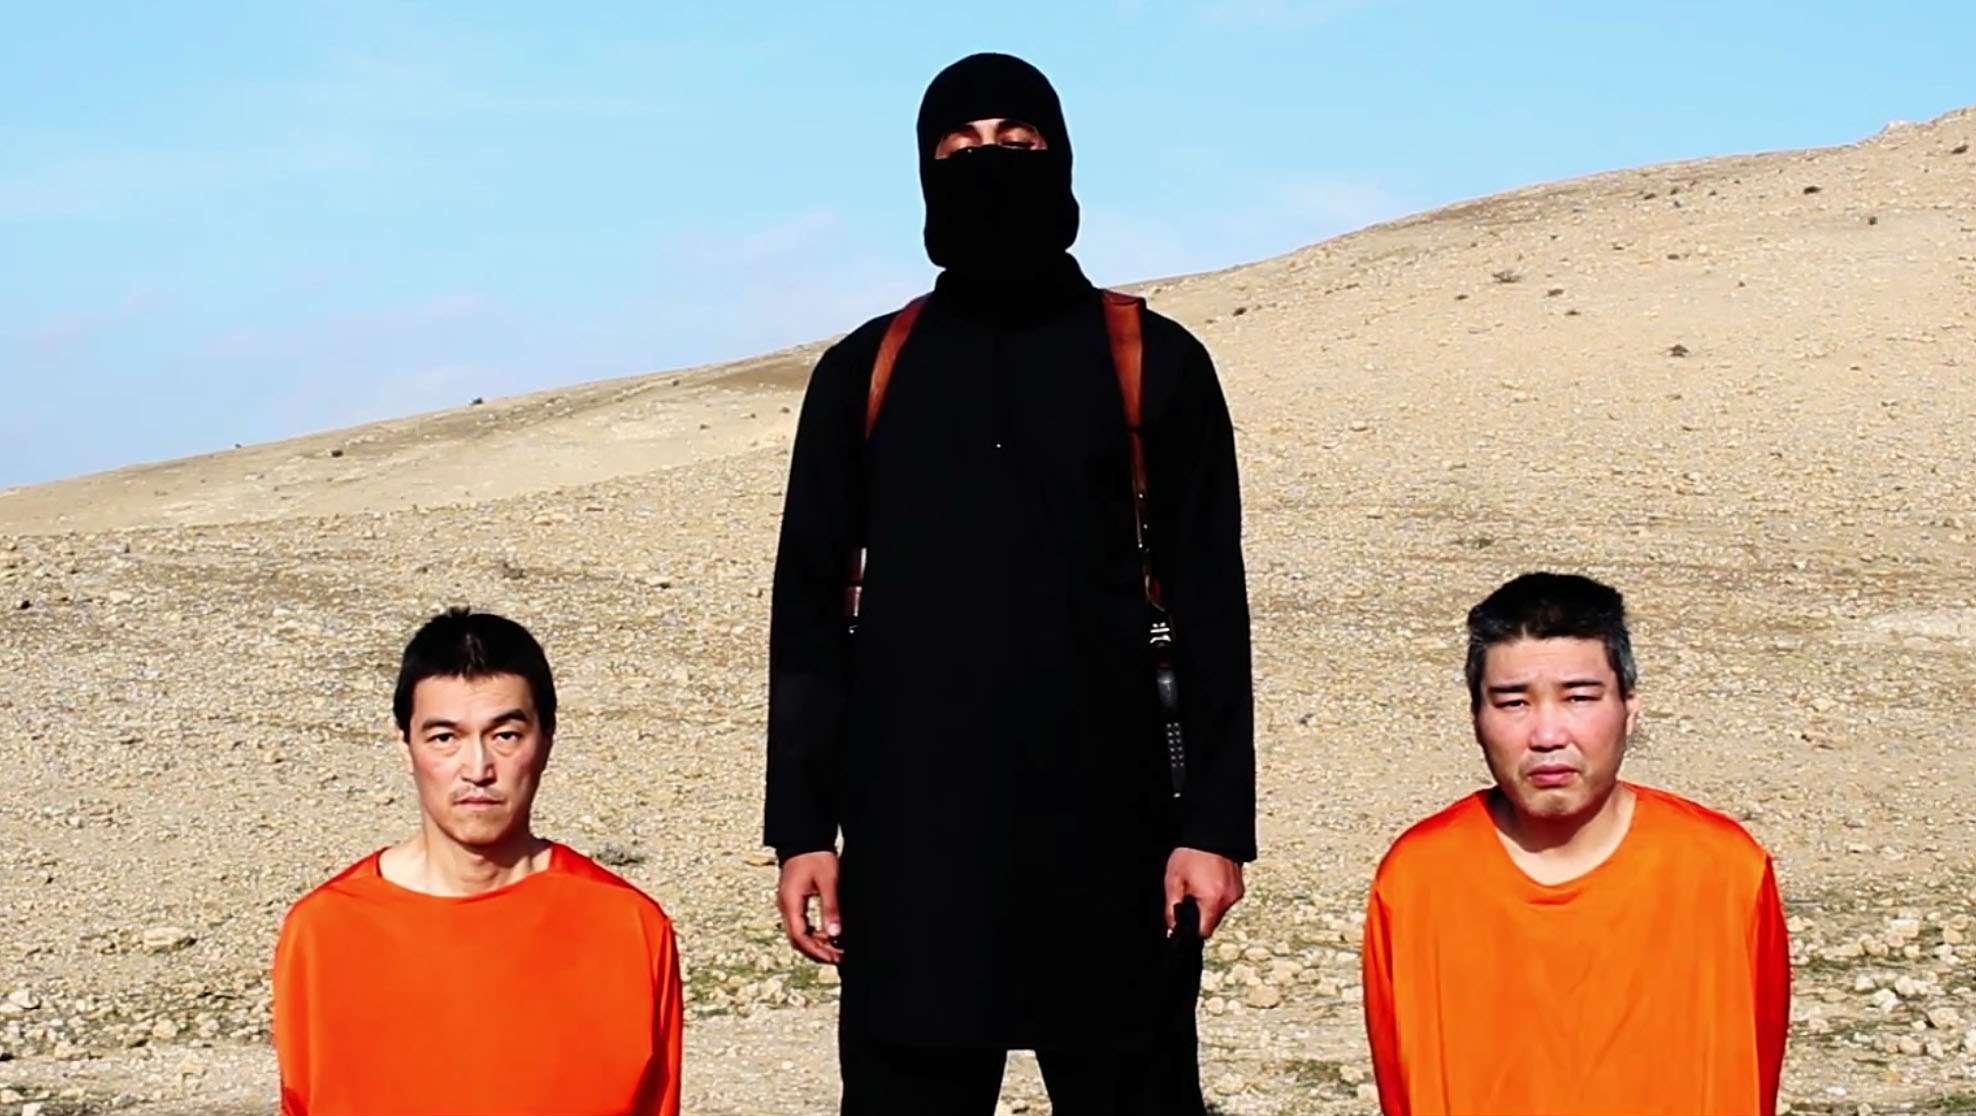 De acuerod con especialistas, el video de los rehenes presenta diversas anomalías, como una puesta en escena diferente de lo habitual y la ausencia de logo del grupo Estado Islámico. Foto: AP en español